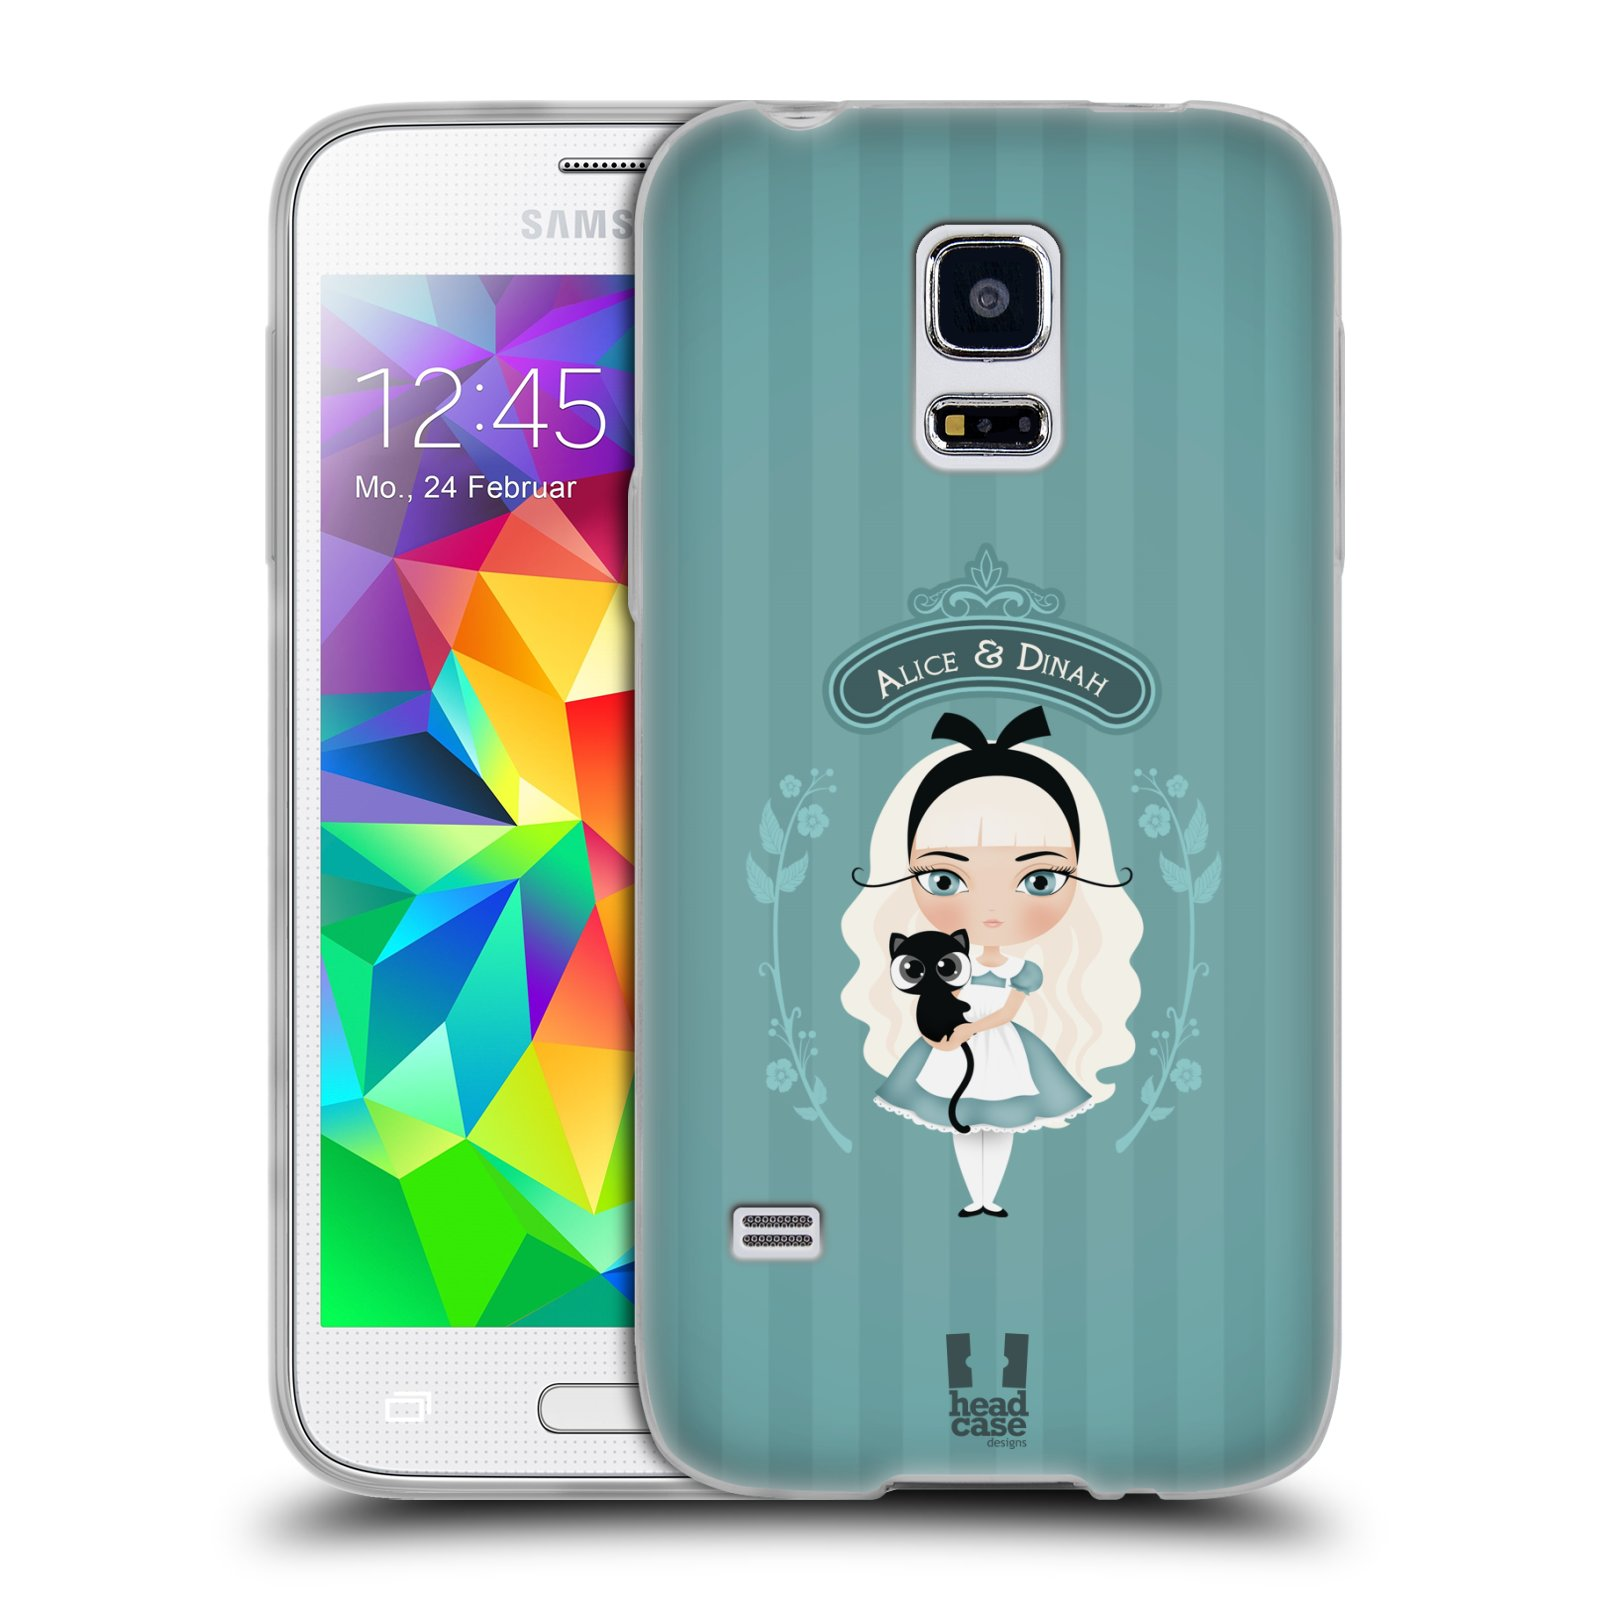 HEAD CASE silikonový obal na mobil Samsung Galaxy S5 MINI vzor Alenka v říši divů Alenka